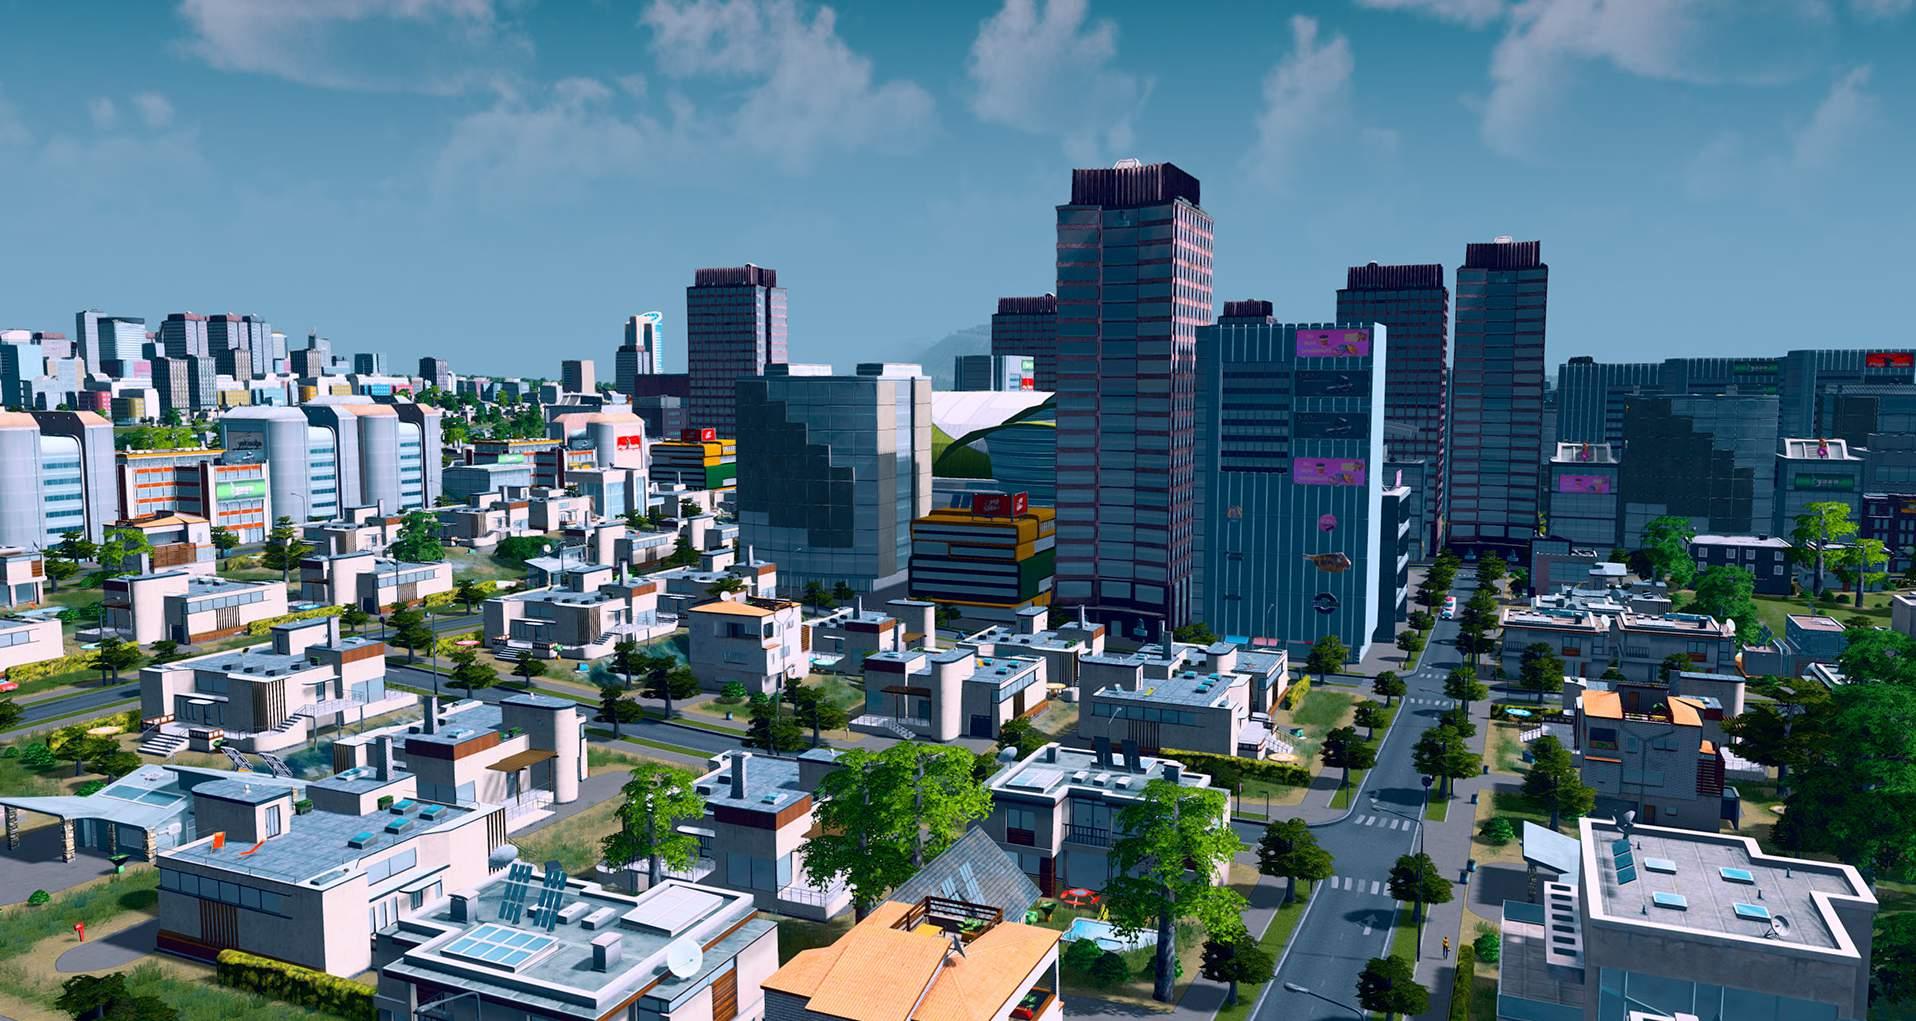 11 - Cities: Skylines